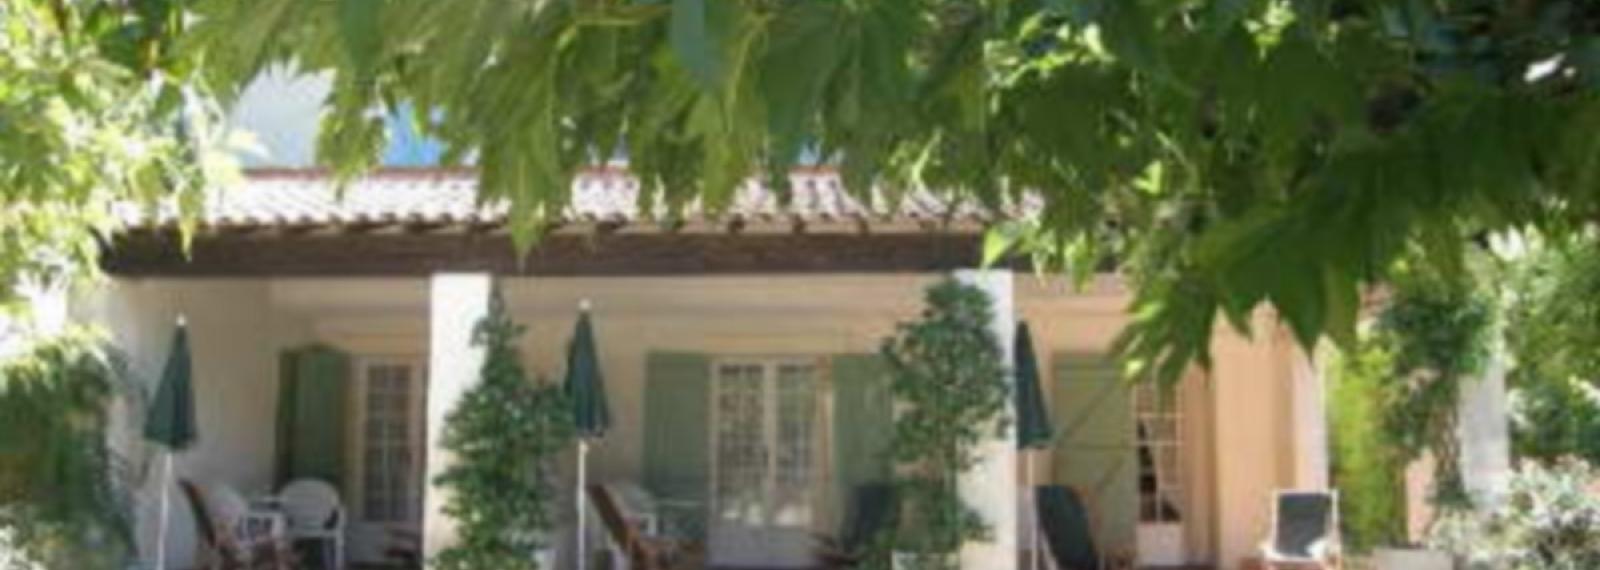 Location saisonnière Les Lauriers Roses à Saint-Rémy-de-Provence